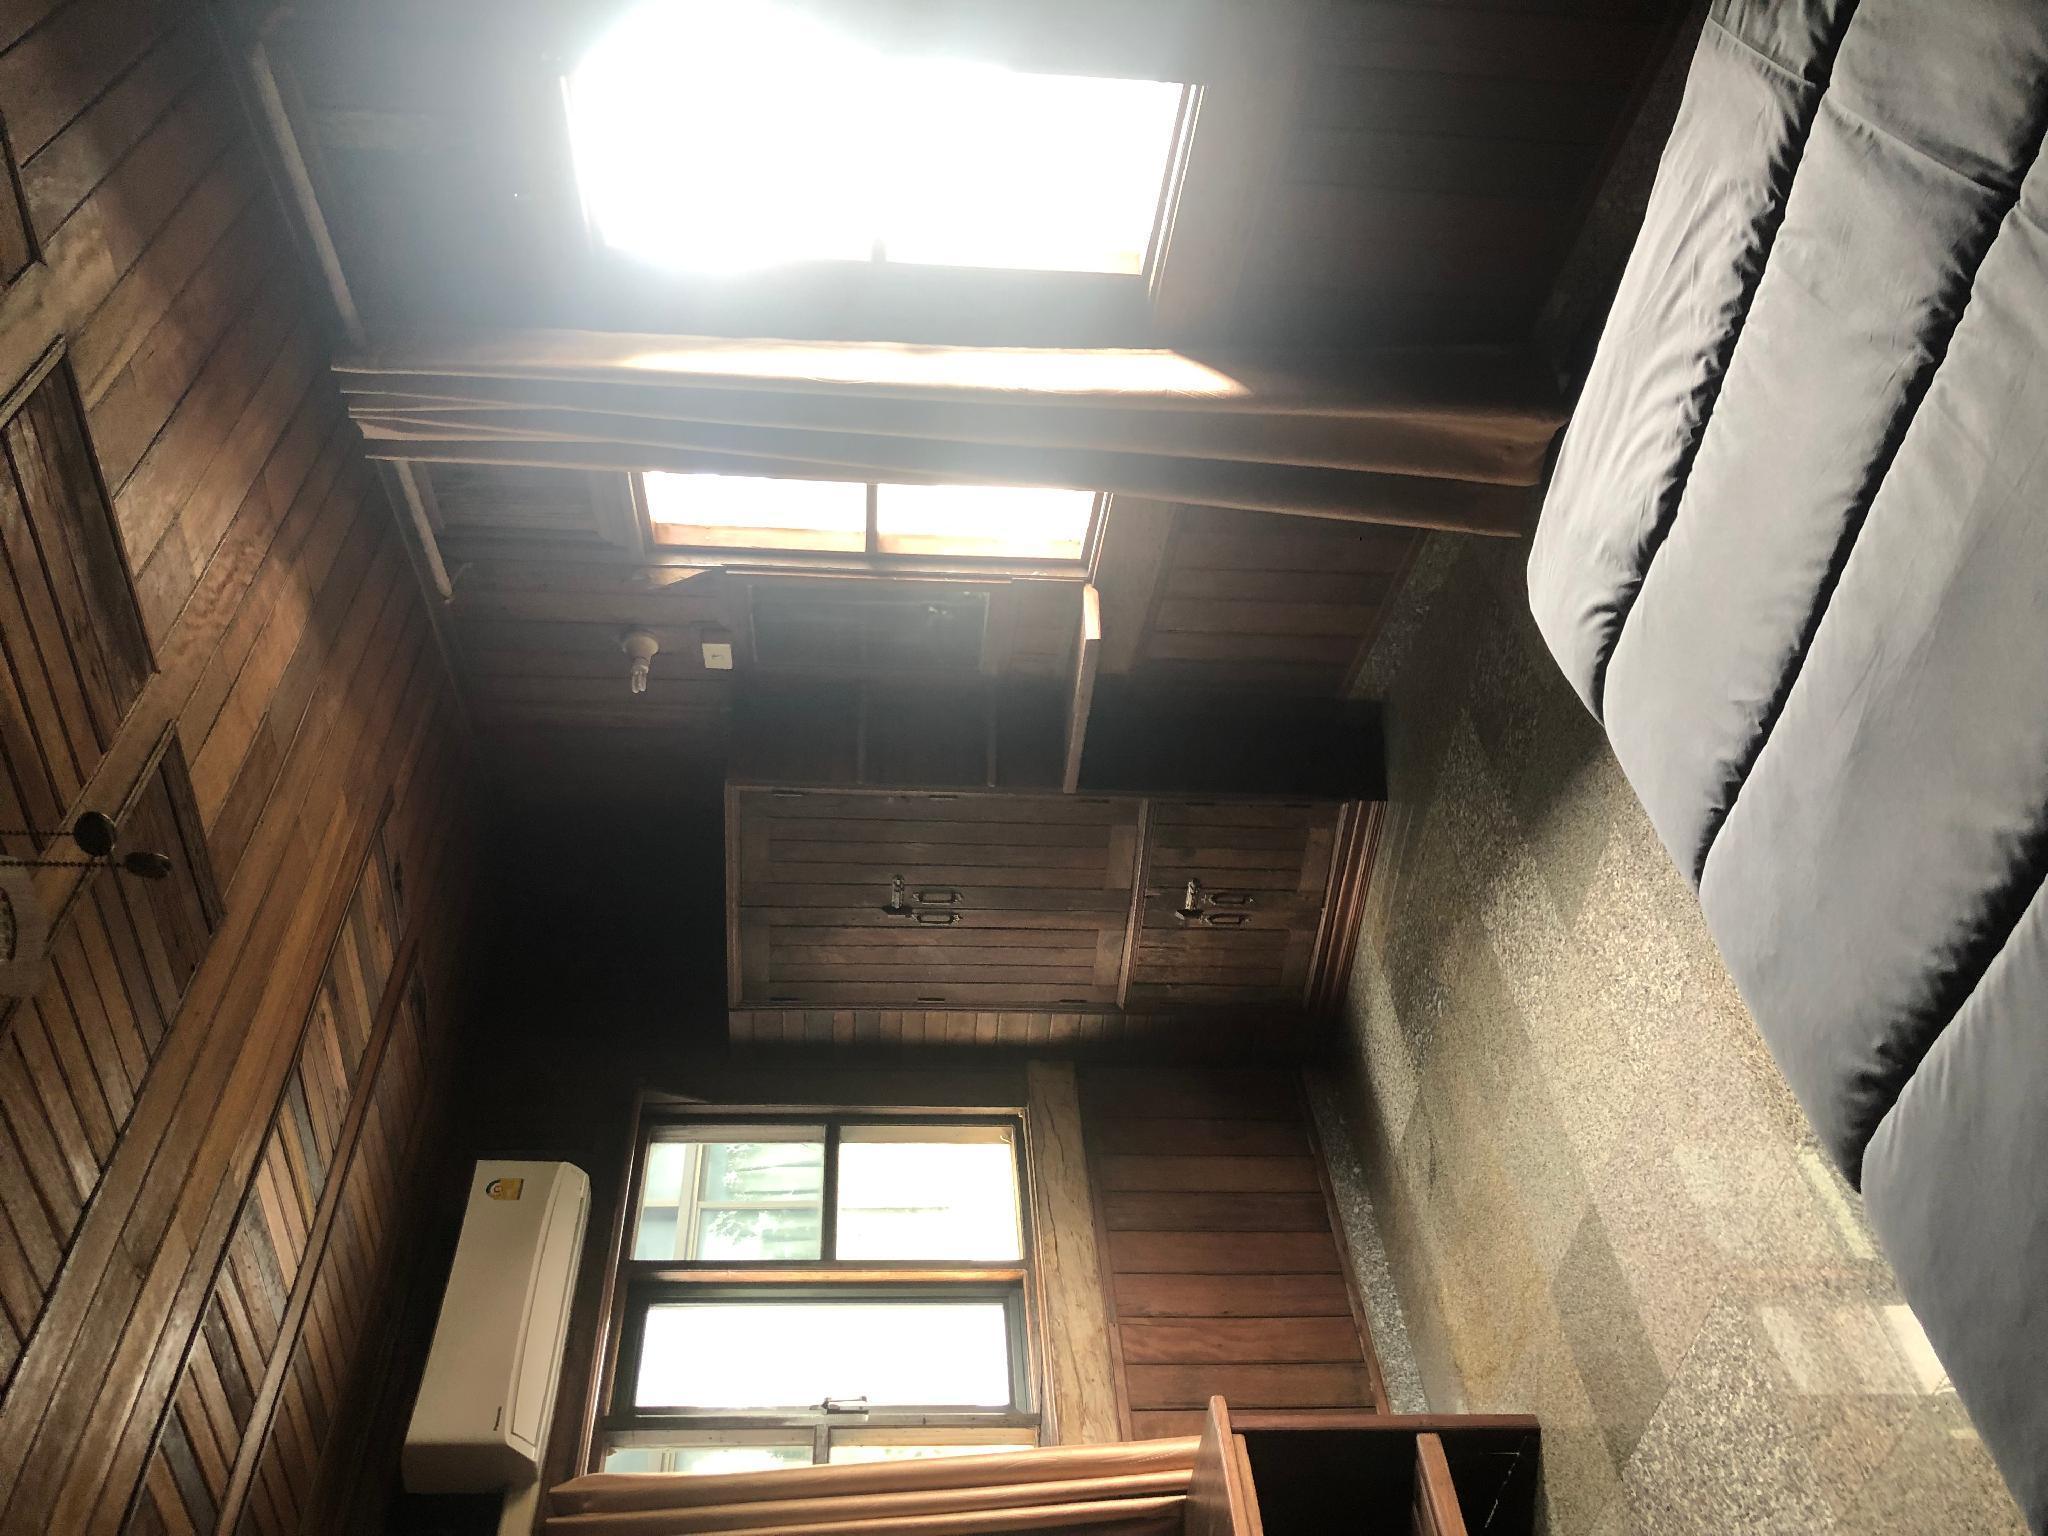 BaanChan อพาร์ตเมนต์ 1 ห้องนอน 1 ห้องน้ำส่วนตัว ขนาด 40 ตร.ม. – บางกะปิ